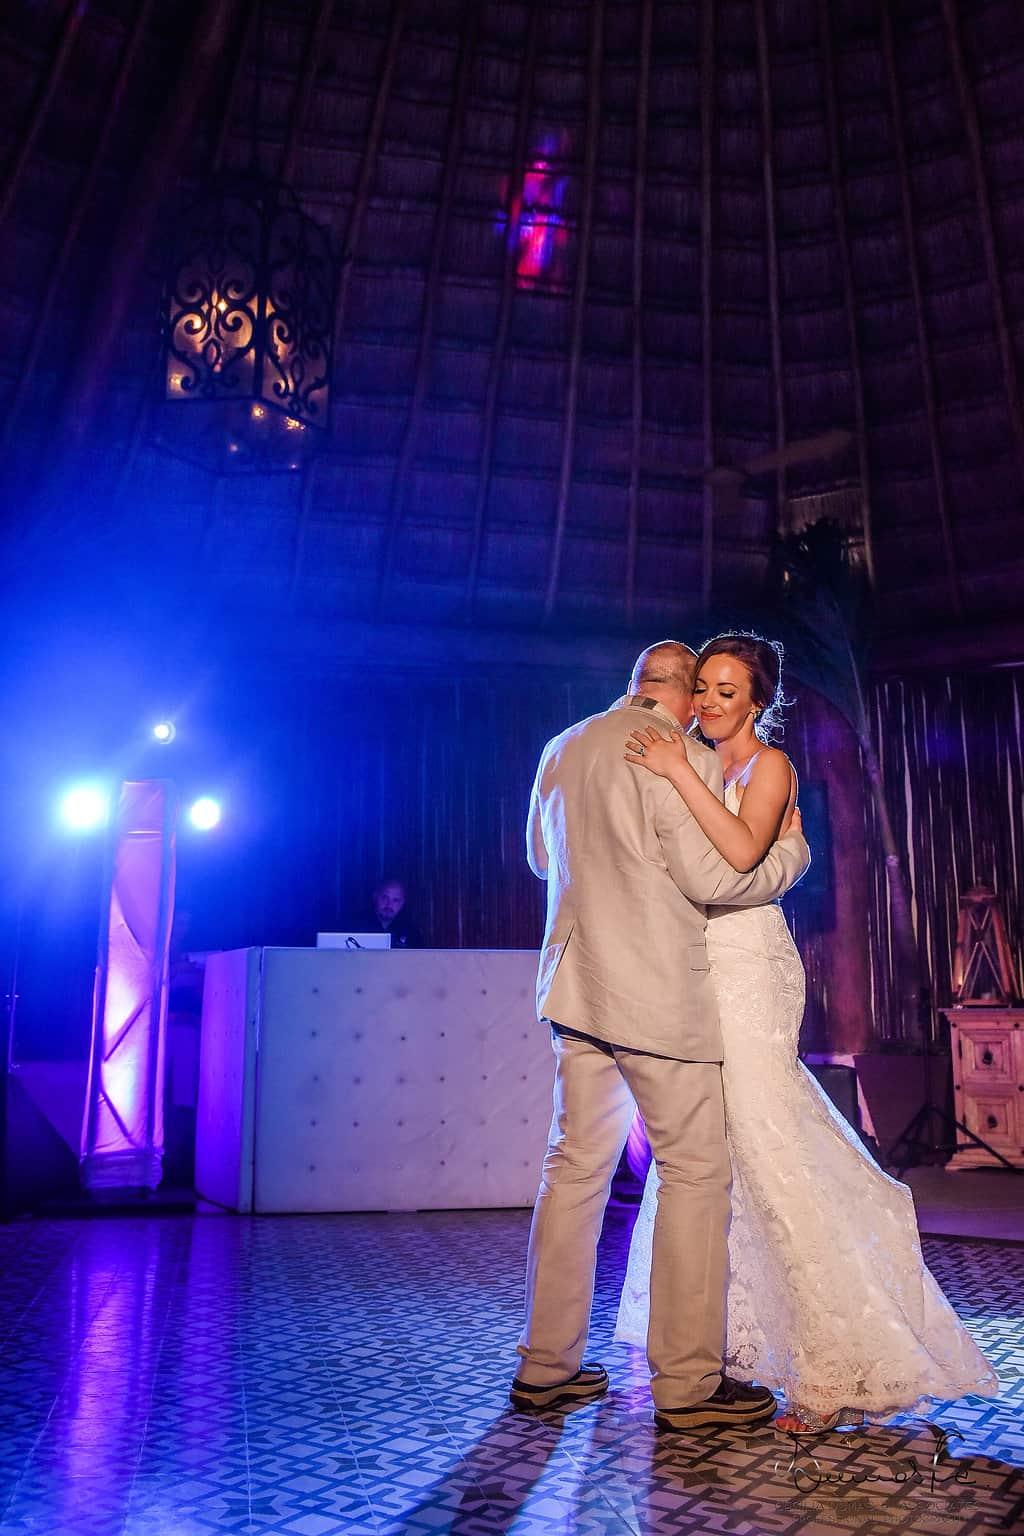 mahekalhotel-playadelcarmen-weddingphotography-lindseyalfredo140